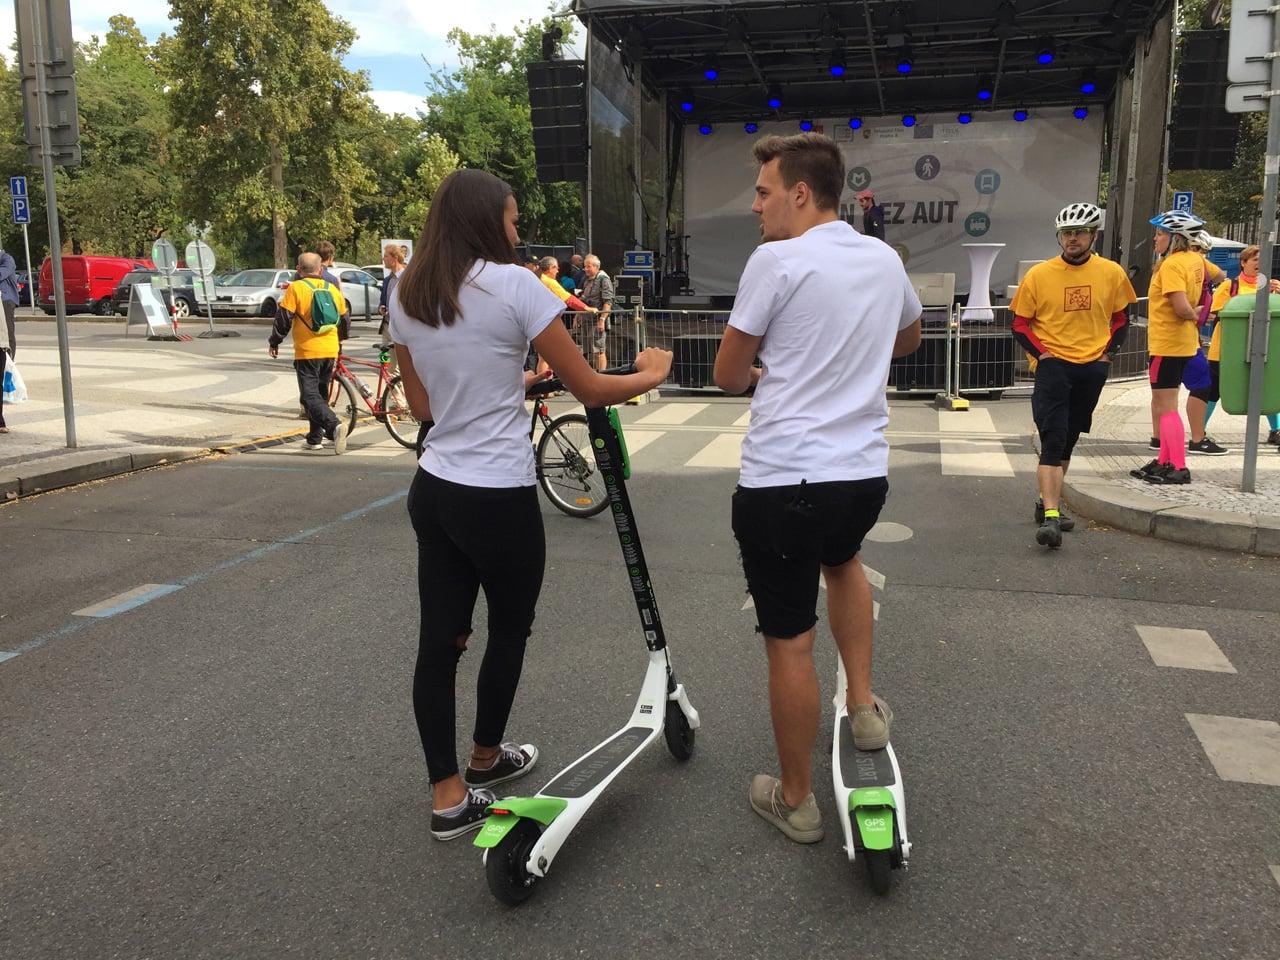 Elektrické koloběžky Lime startují v Praze